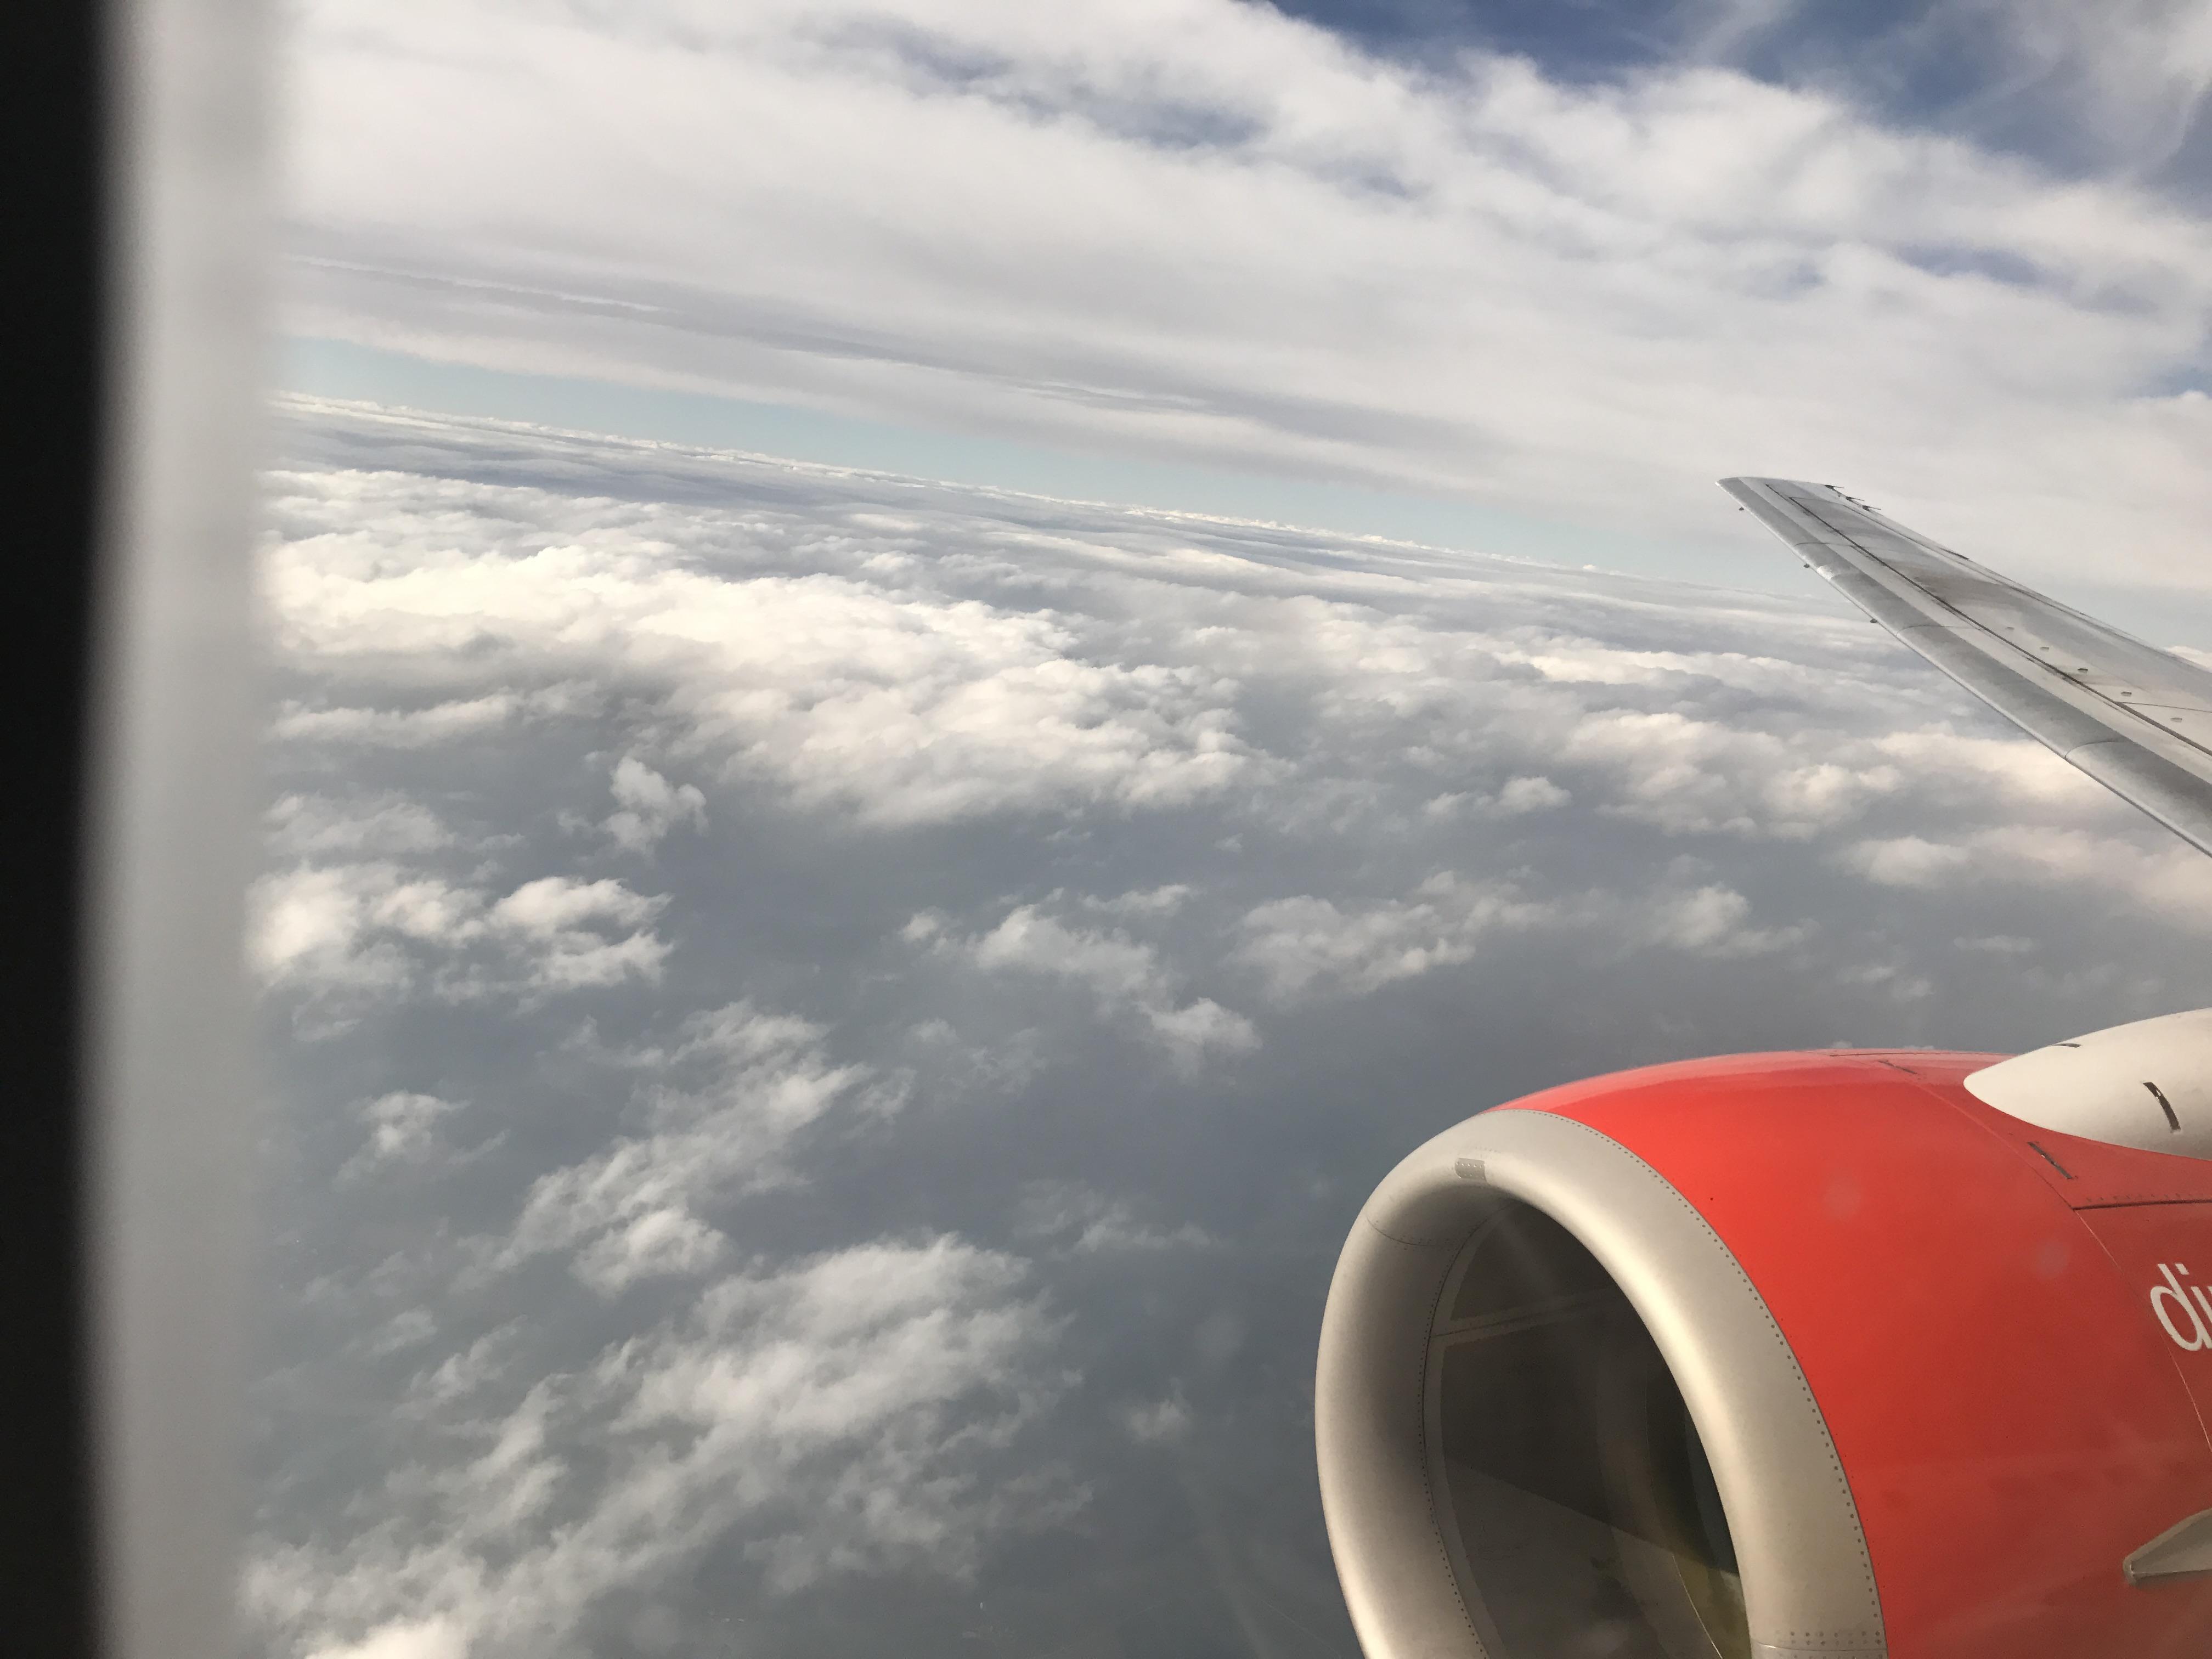 SAS von Stockholm nach Frankfurt